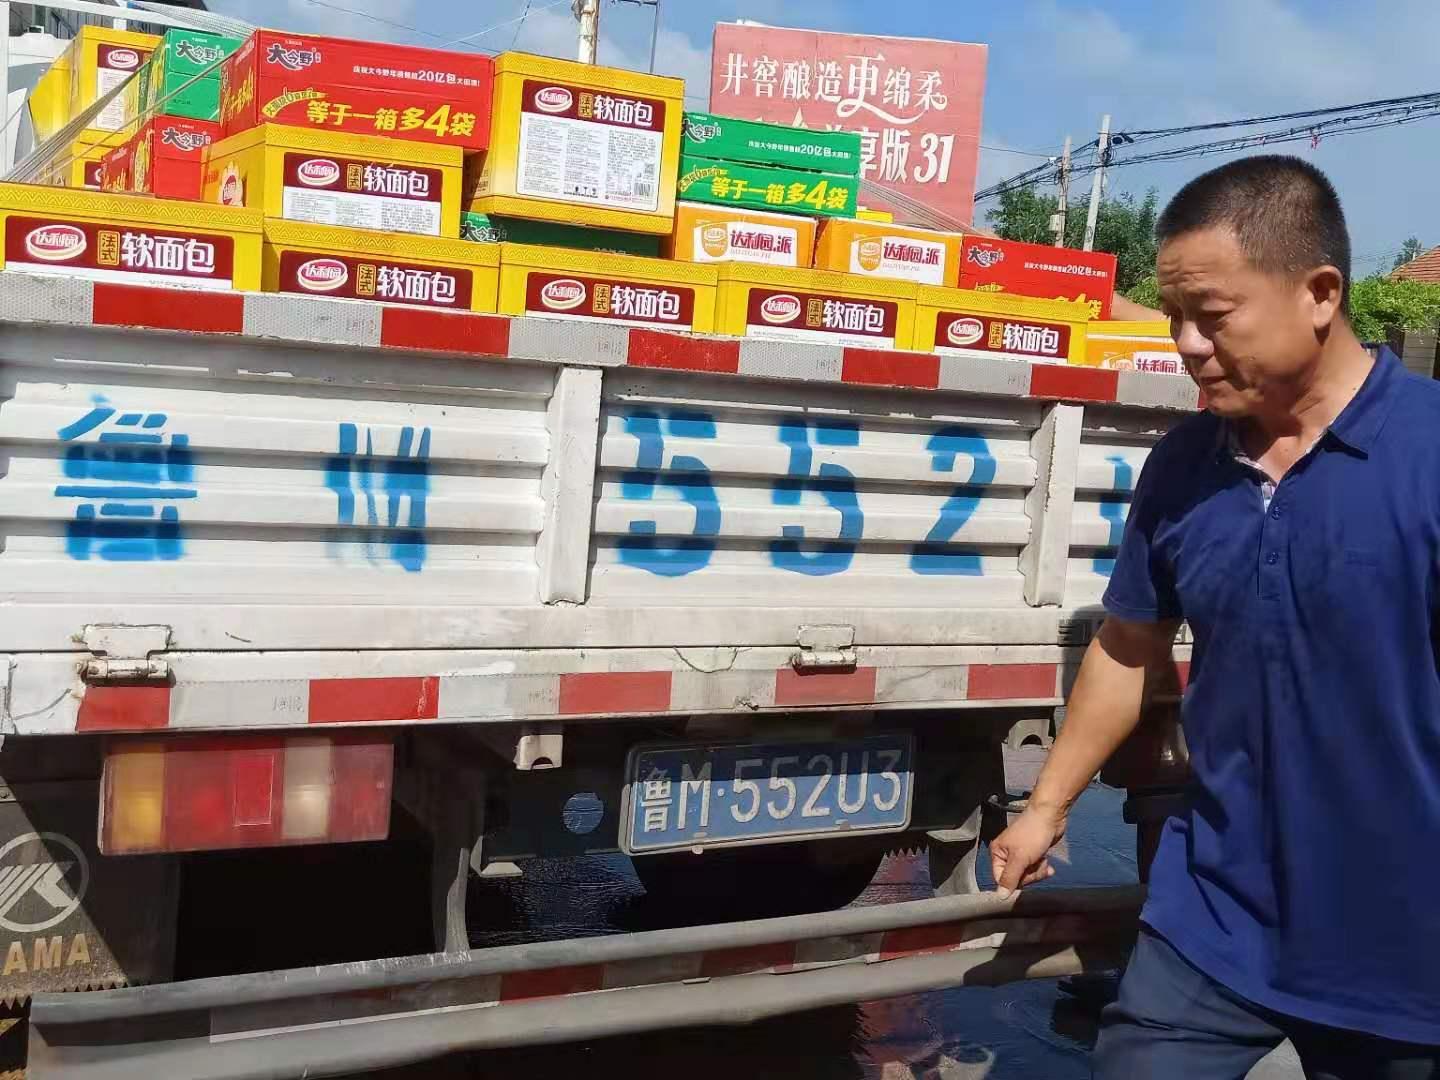 求是达明联合邹平南王超市支援邹平灾区